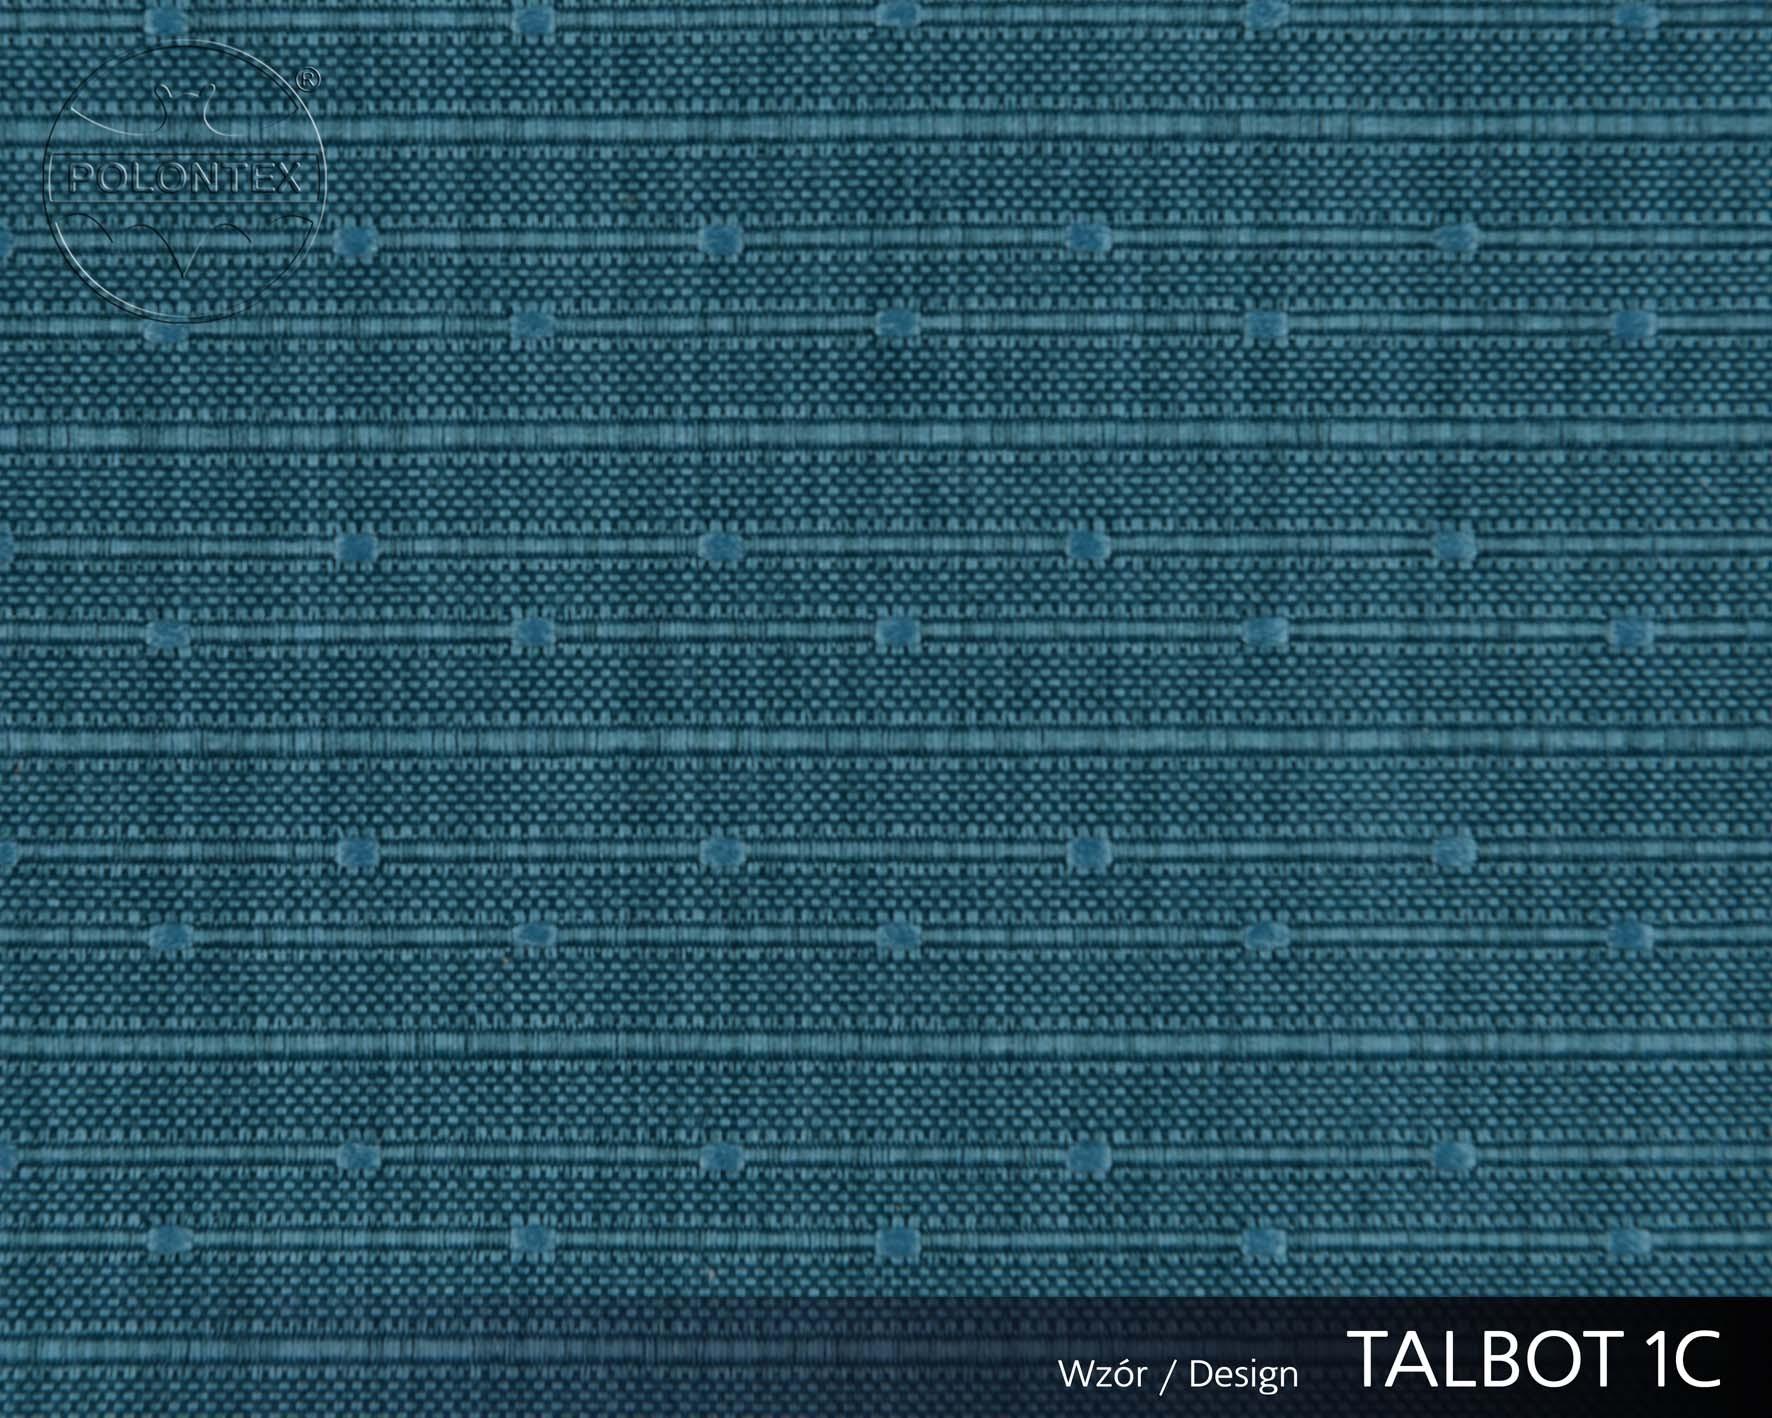 TALBOT 1C 5199